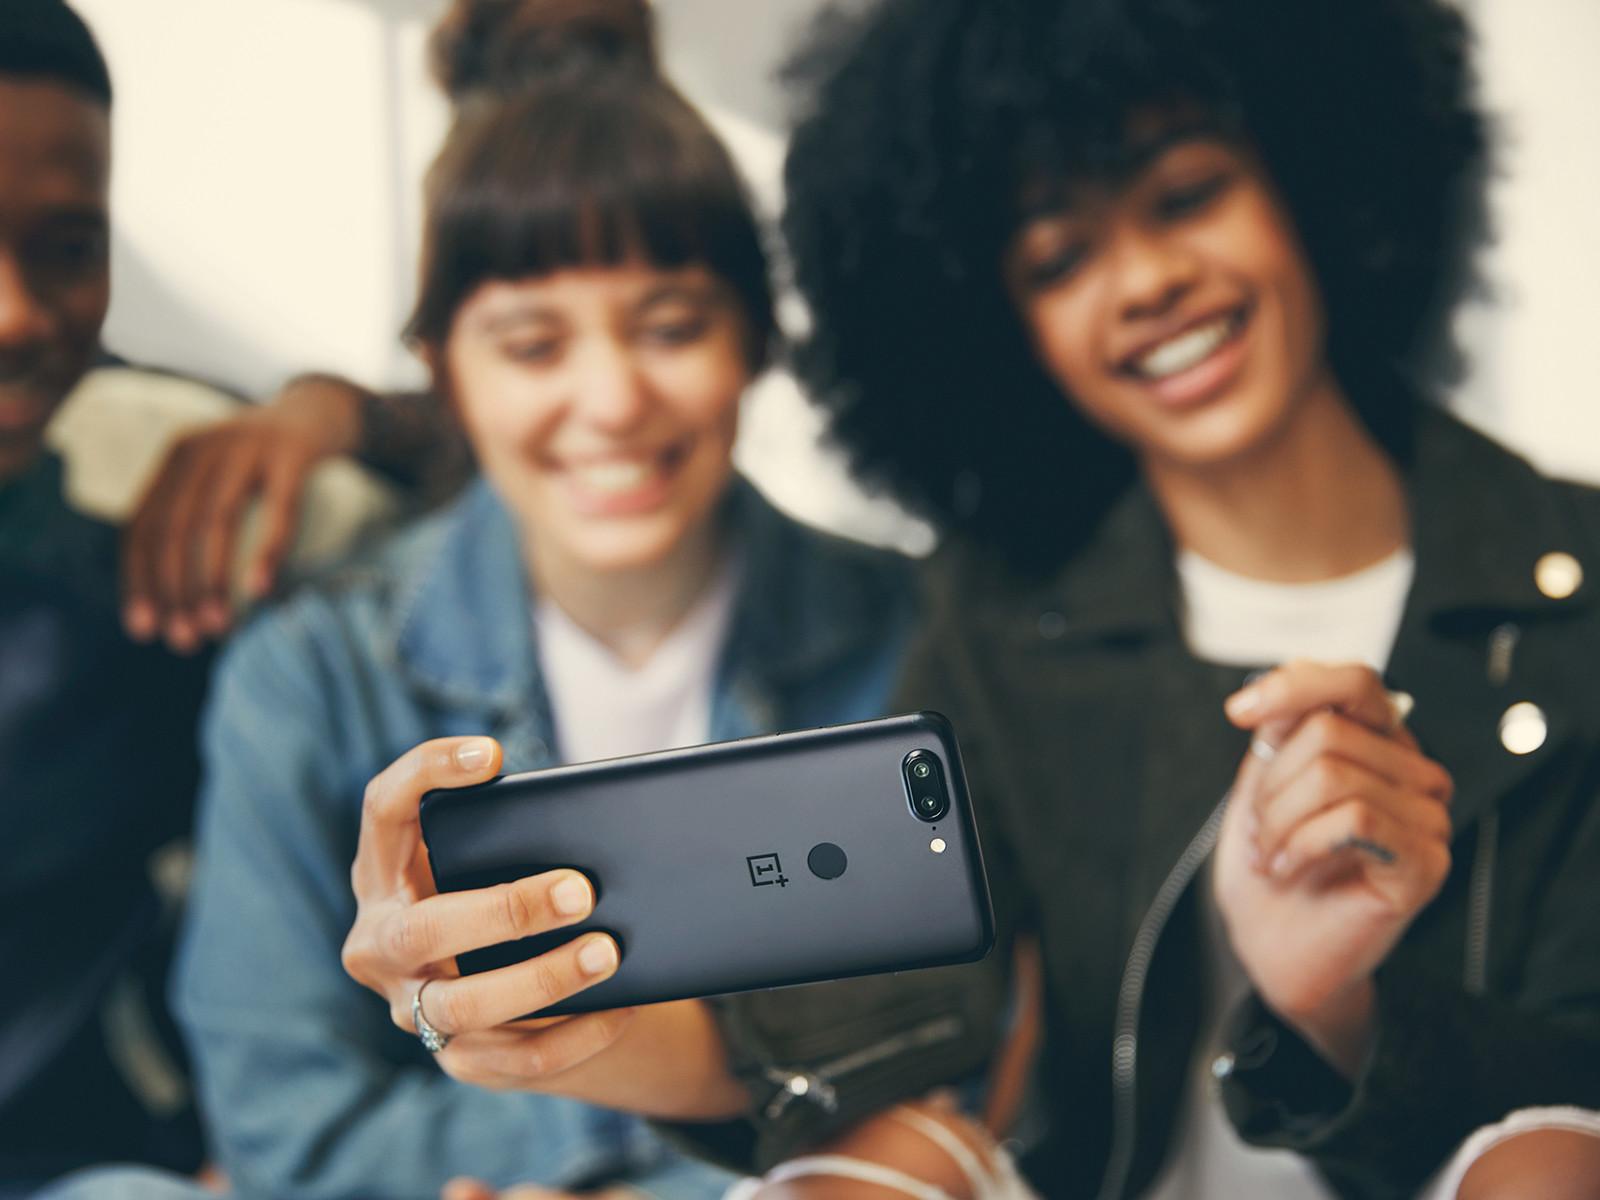 一加手机5T(128GB)时尚美图第7张